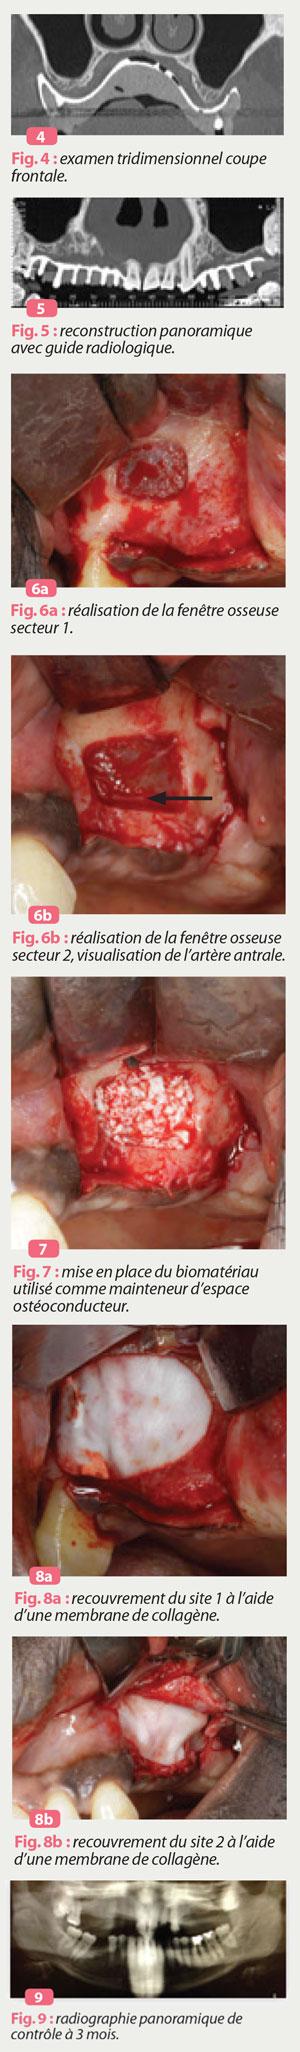 sinus-lift-piezochirurgie